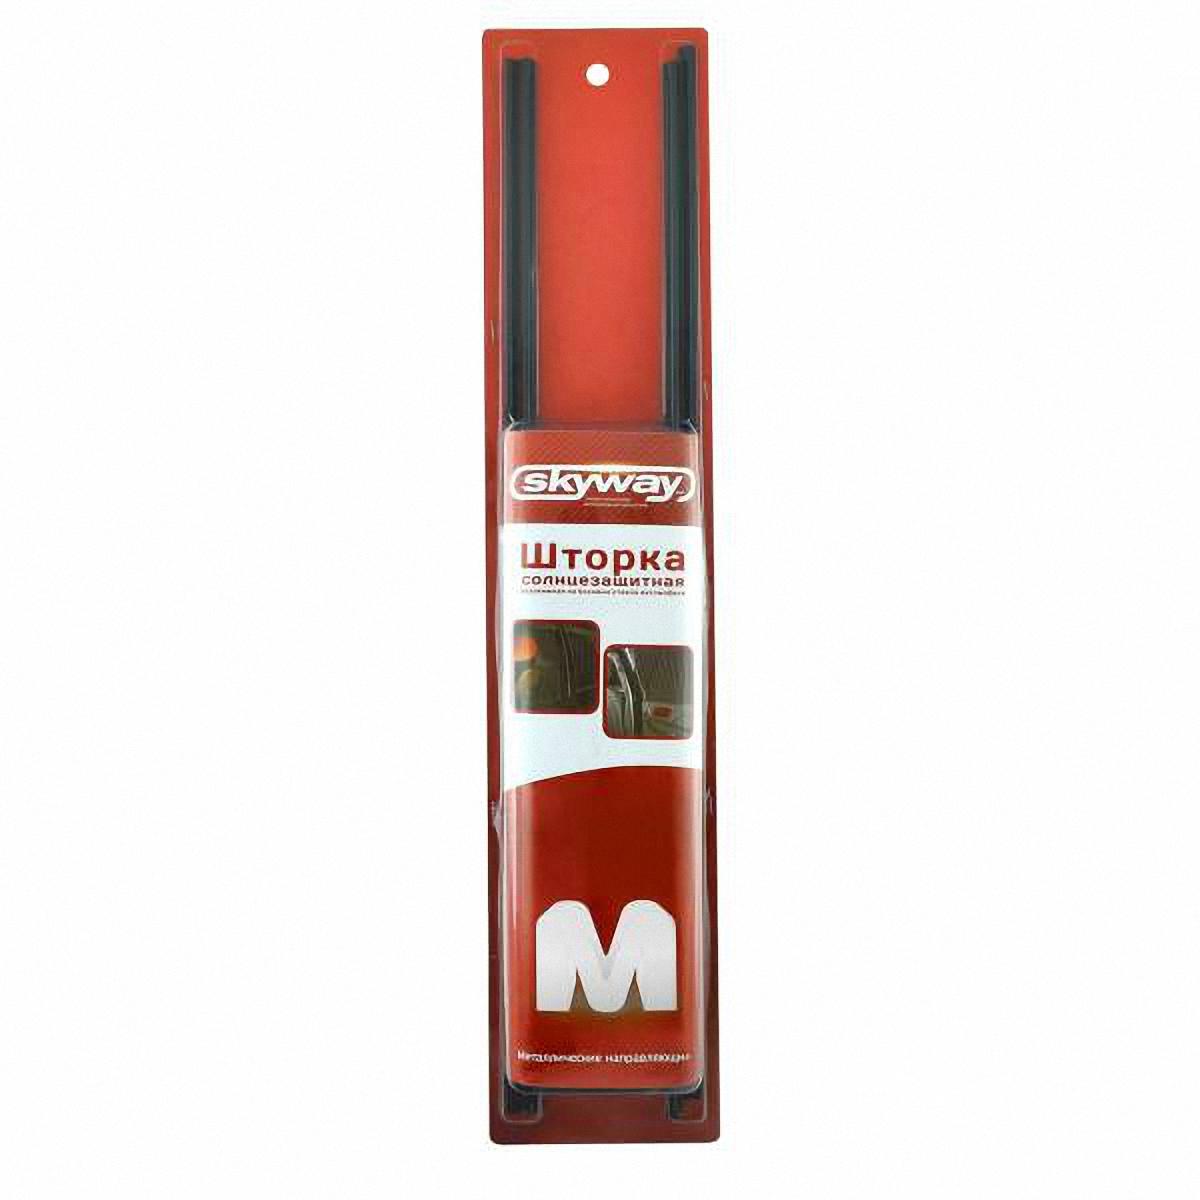 Шторка солнцезащитная Skyway, раздвижная, на боковое стекло, 50 х 47 см, 2 шт94672Шторка раздвижная на боковые стекла надёжно защитит от прямых солнечных лучей и сохранит прохладу в салоне автомобиля. Крепление: велкро (липучки). Материал направляющих: алюминий. Материал штор: полиэстер. Размер: М (50 х 42-47 см).